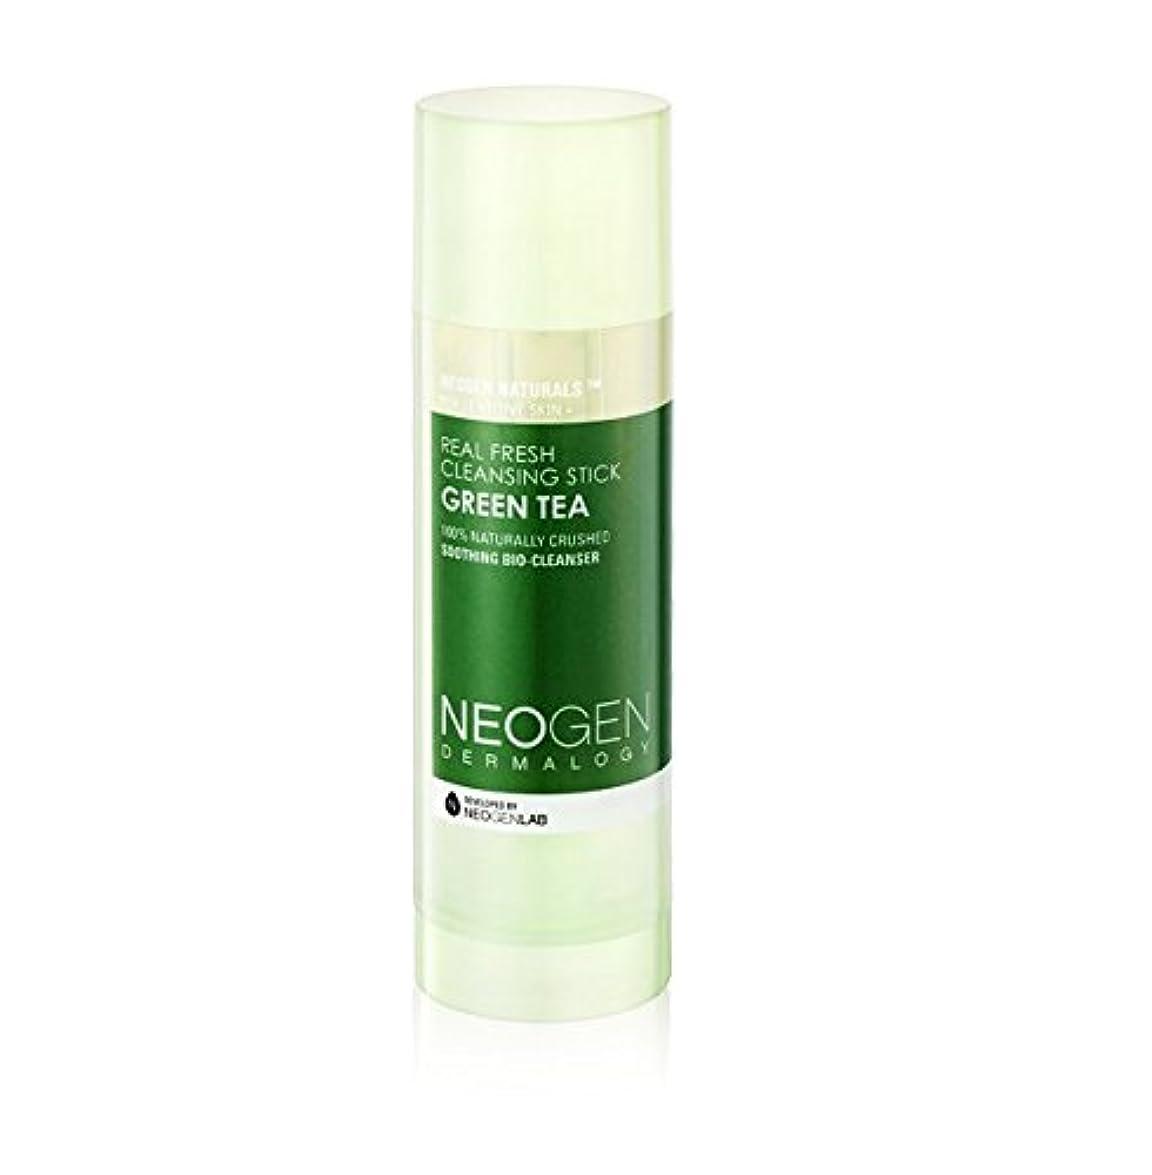 全体に生きている台風NEOGEN(ネオジェン) ダーマロジー リアル フレッシュ クレンジングスティック グリーンティー/Dermalogy Real Fresh Cleansing Stick Green Tea(80g) [並行輸入品]